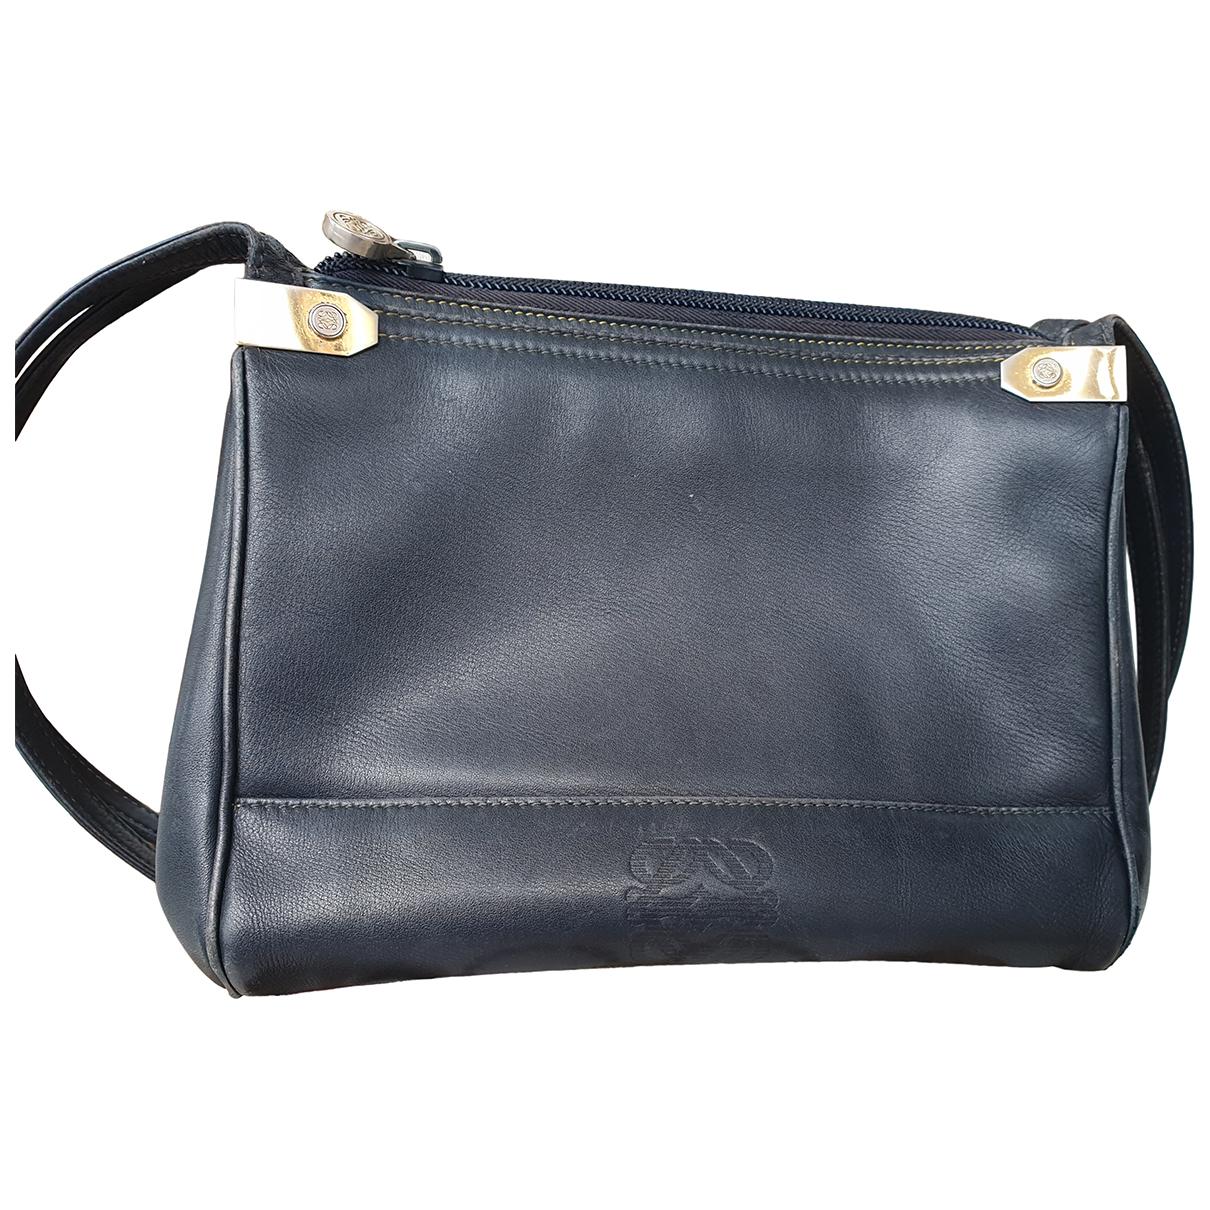 Loewe N Blue Leather handbag for Women N